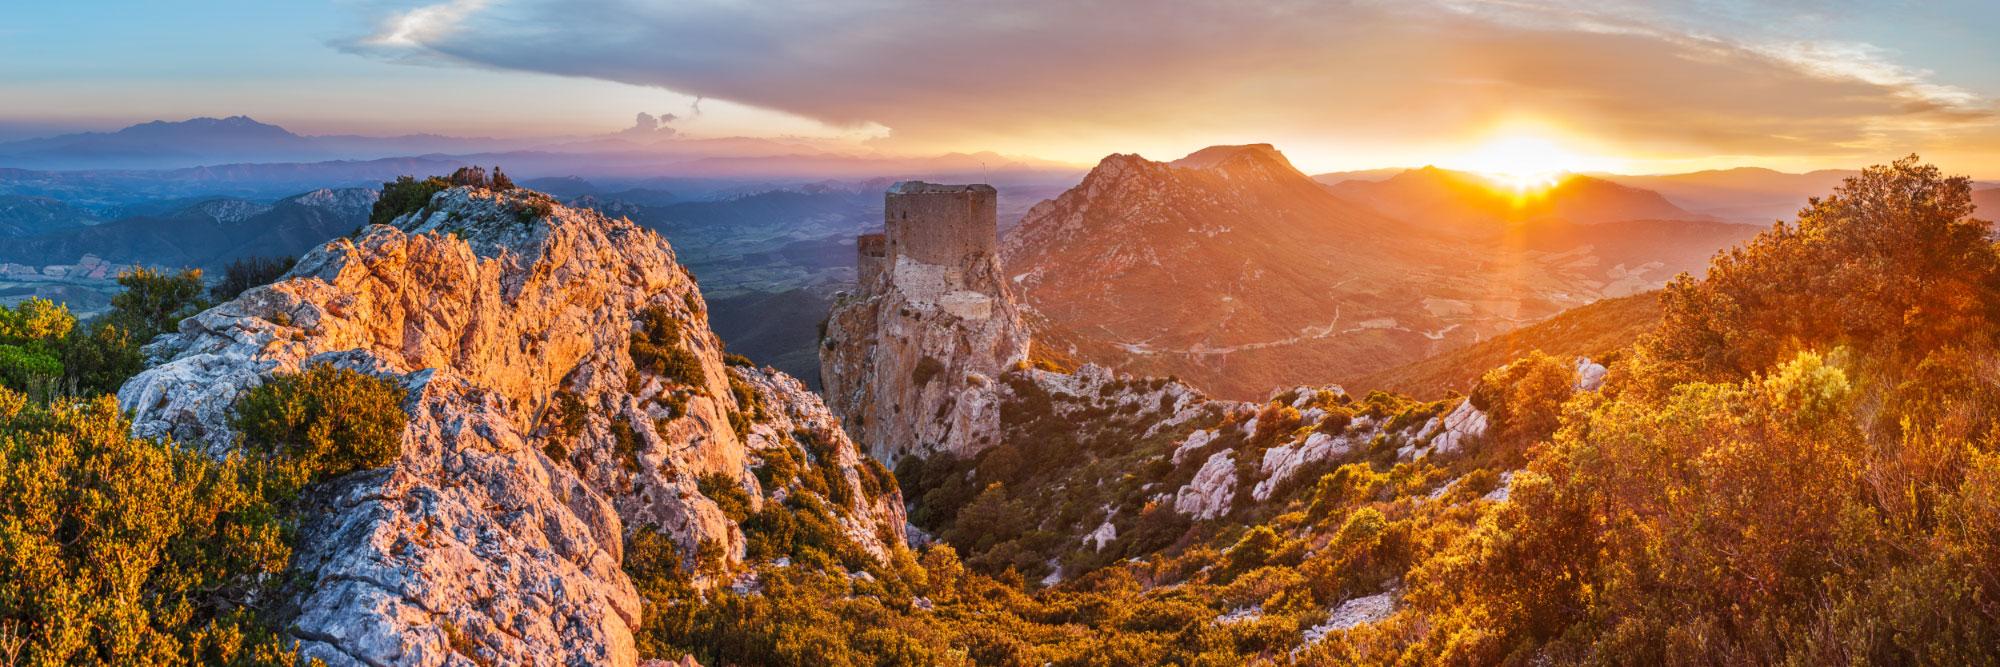 Топ-10 мест в регионе Лангедок-Русильон (Languedoc-Roussillon), Франция: самые красивые города и деревеньки в Лангедок-Русийоне. Что обязательно посмотреть.